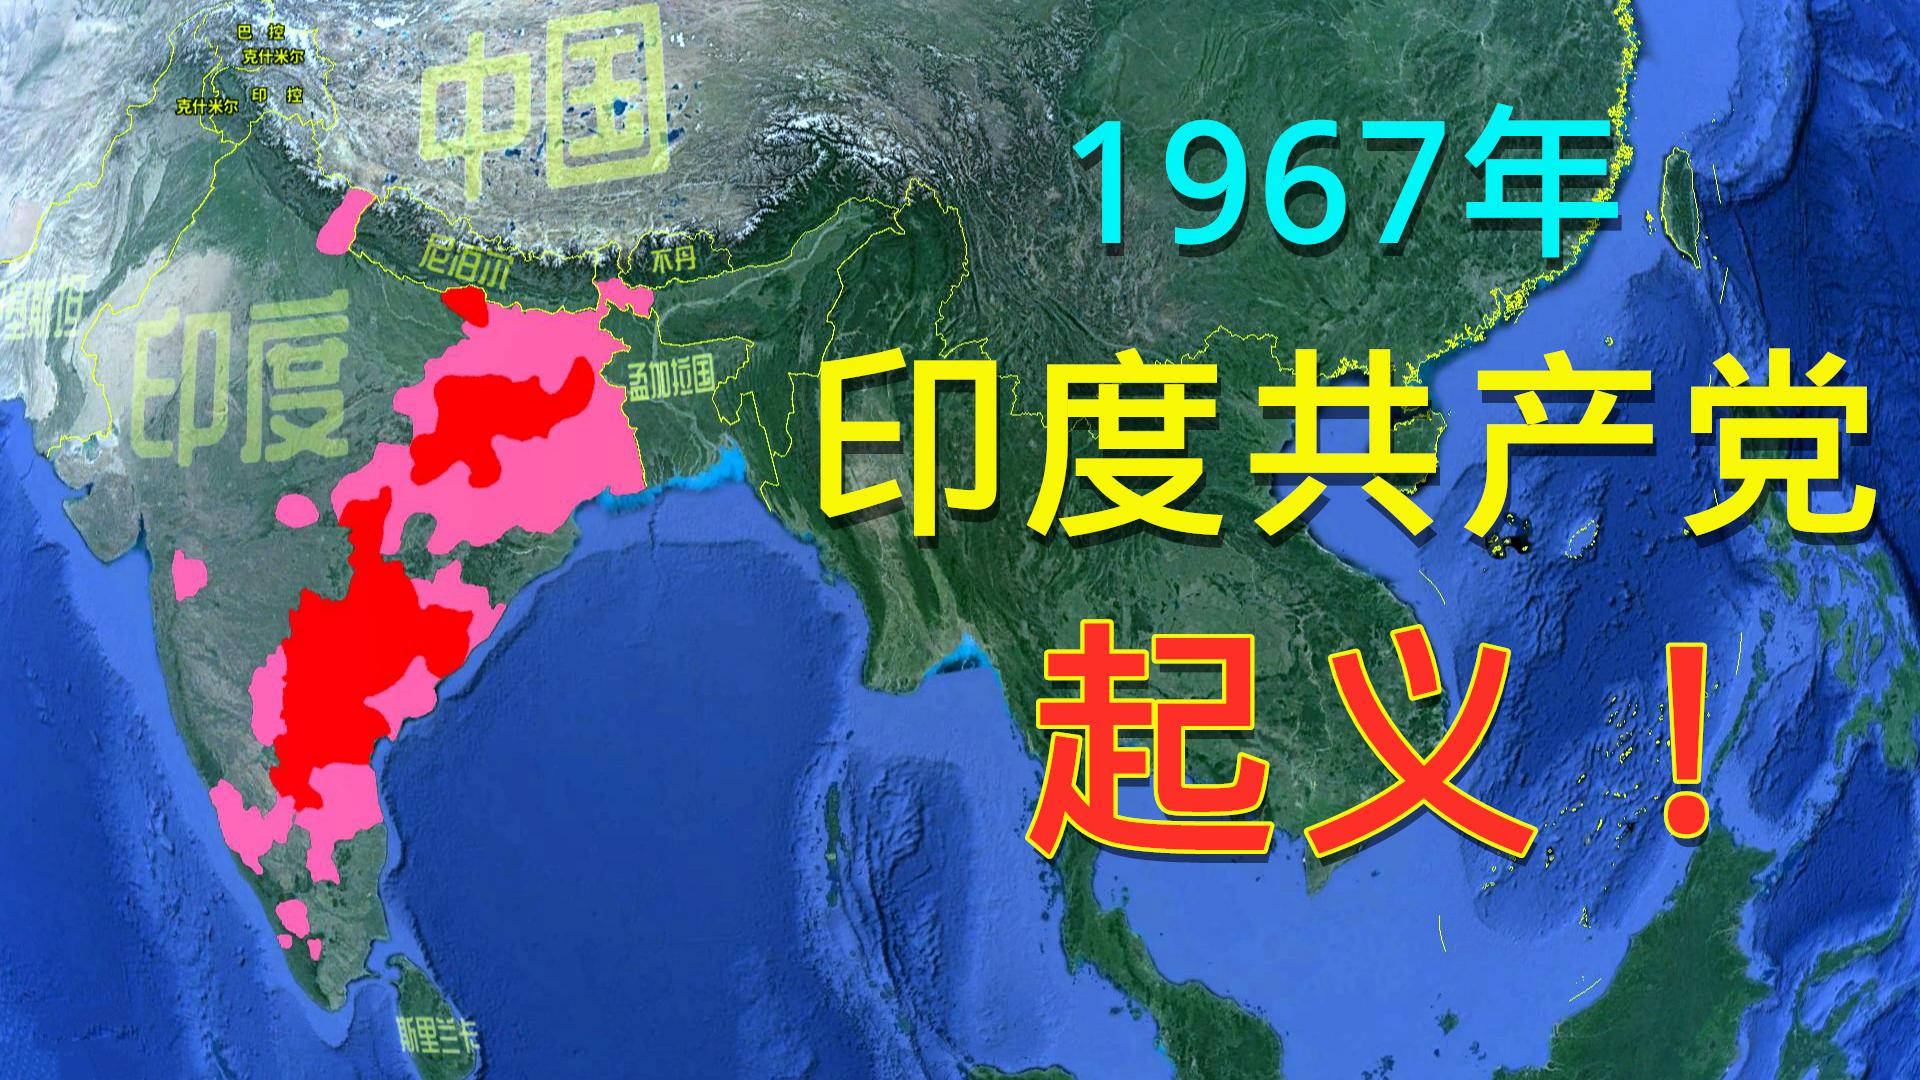 1967年印度共产党发动起义,至今被印度政府视为内政最大的威胁